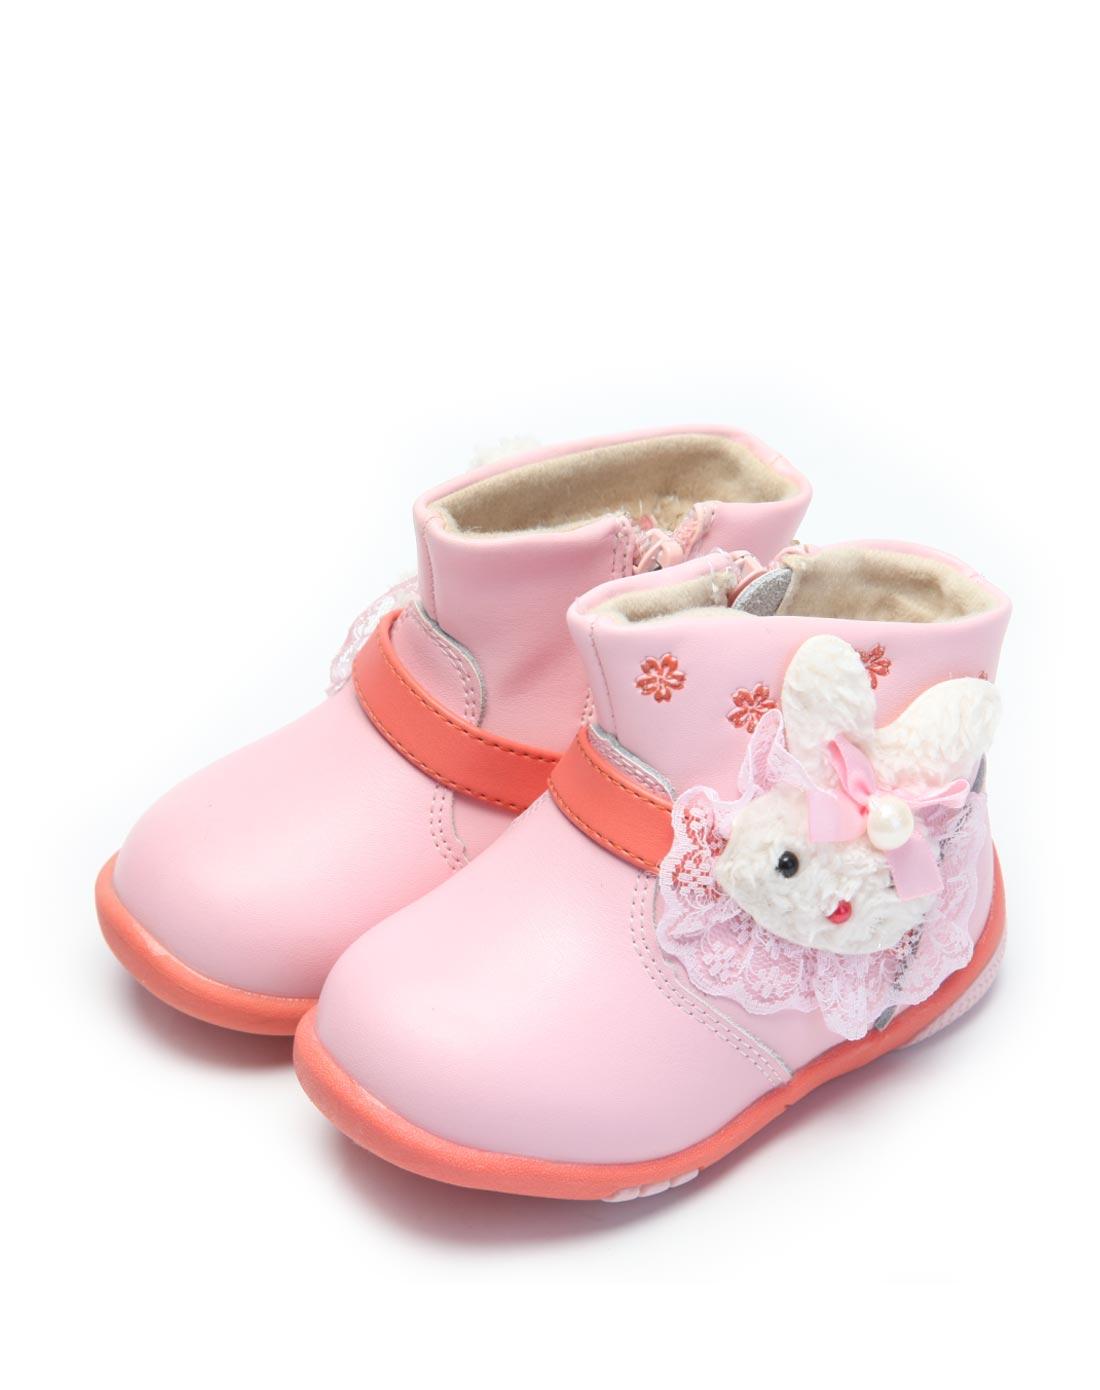 小叮当 女宝宝粉红可爱卡通雪地靴图片